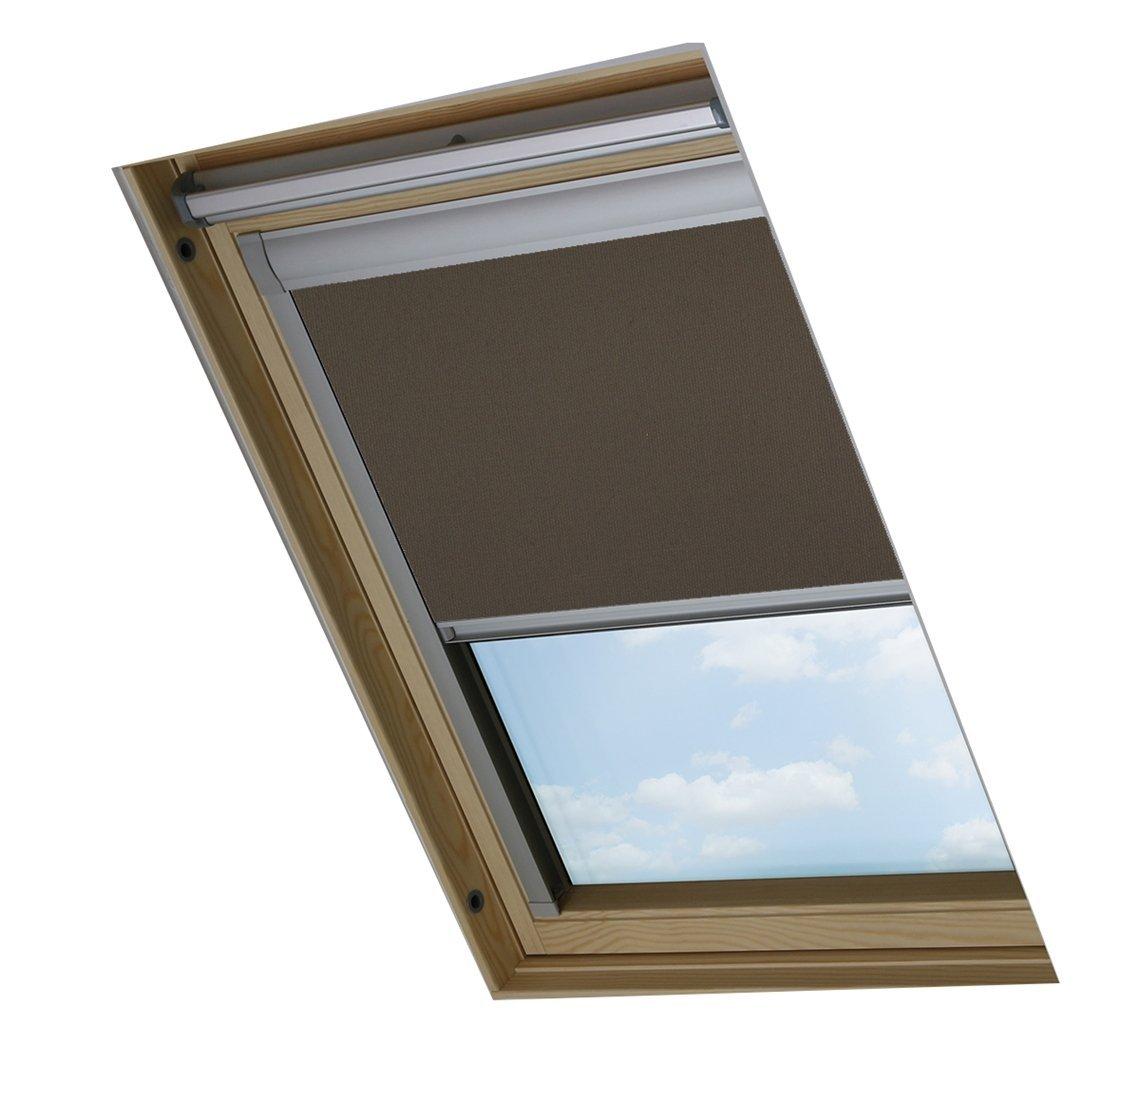 Bloc Skylight Store C2A pour fenêtres de Toit Dakstra Blockout, en étain Bloc Blinds C2A